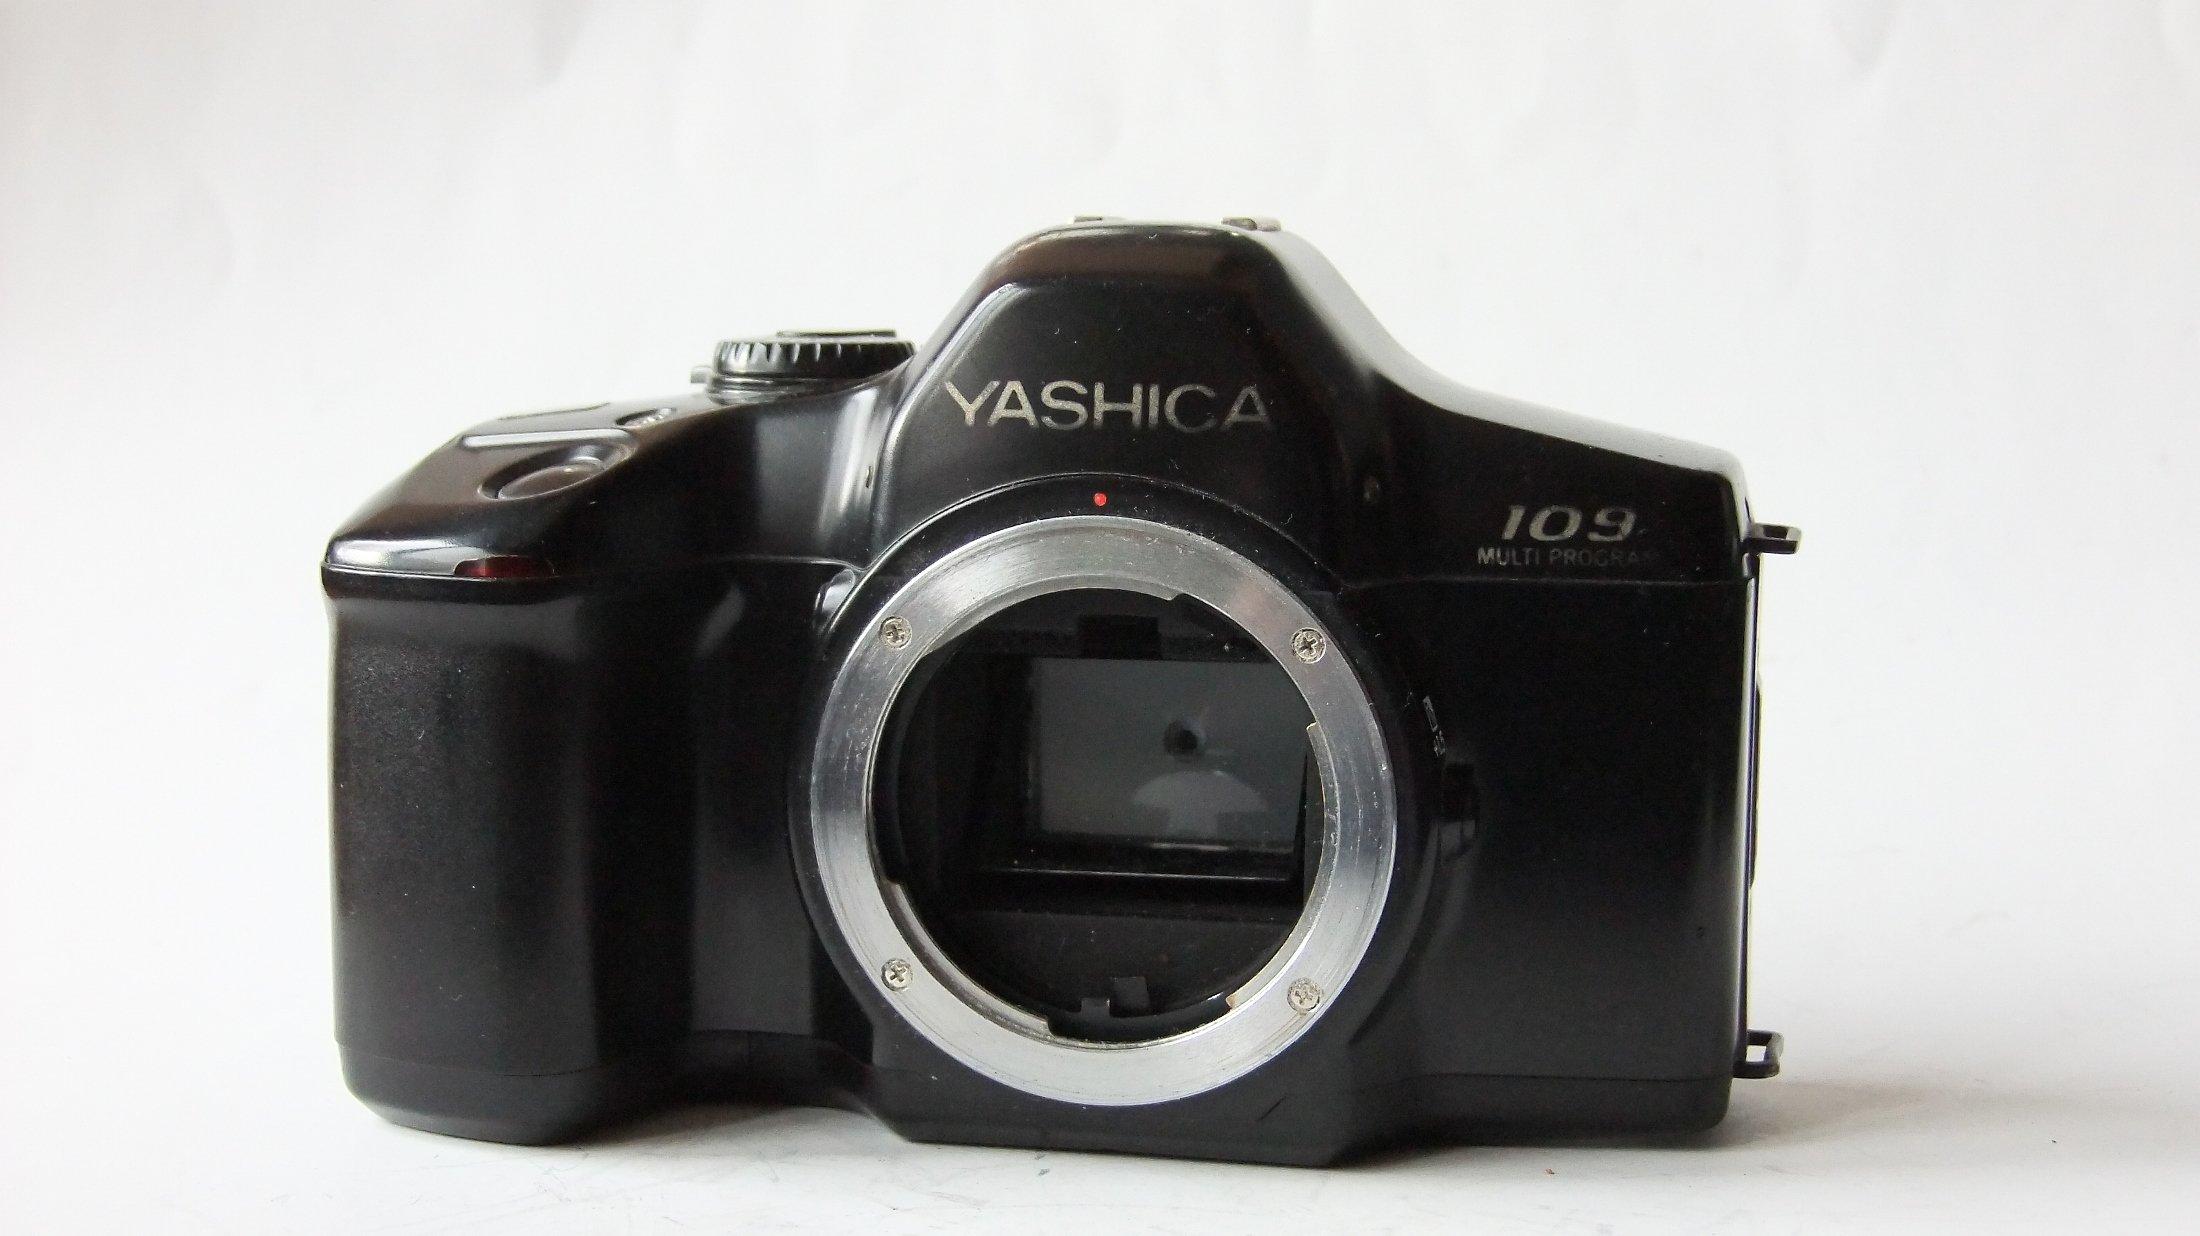 Contax/Yashica байонет